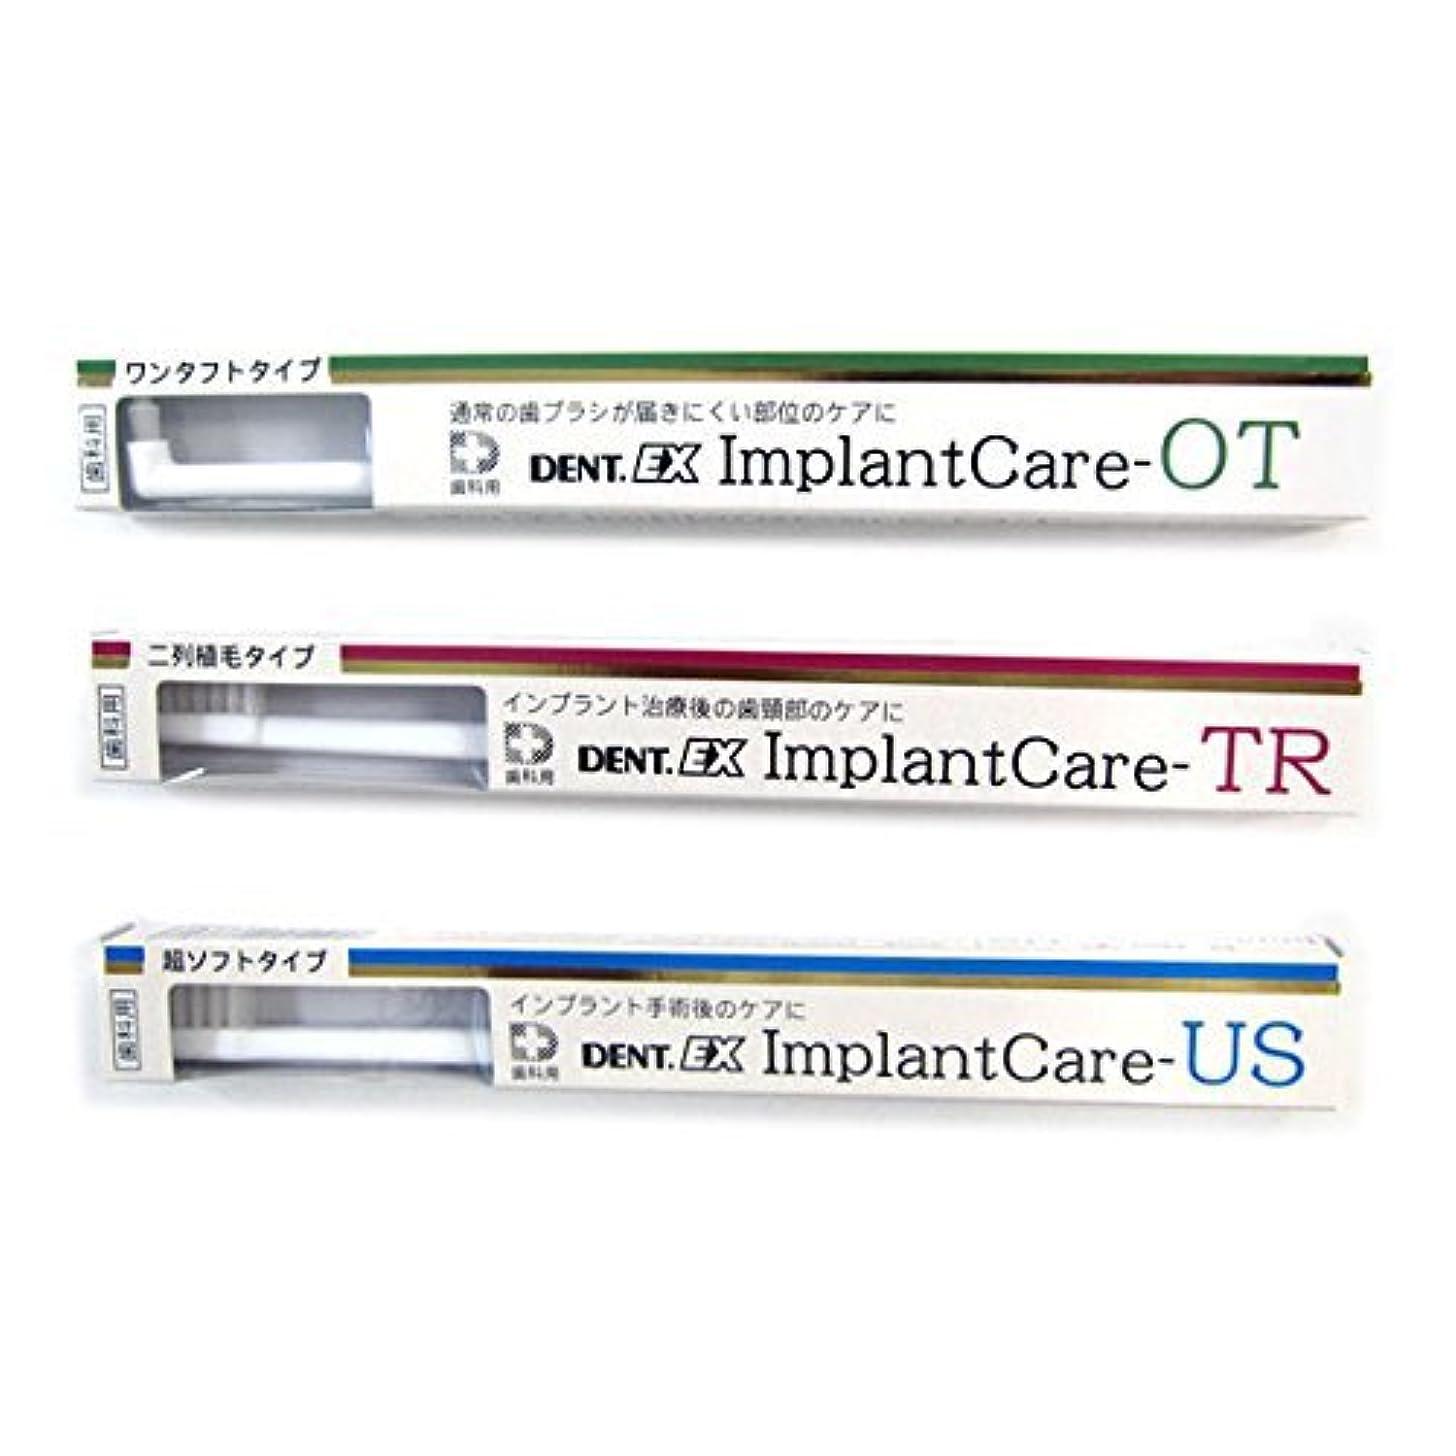 あたり不要クリームデント DENT EX ImplantCare インプラントケア 単品 OT(ワンタフト)